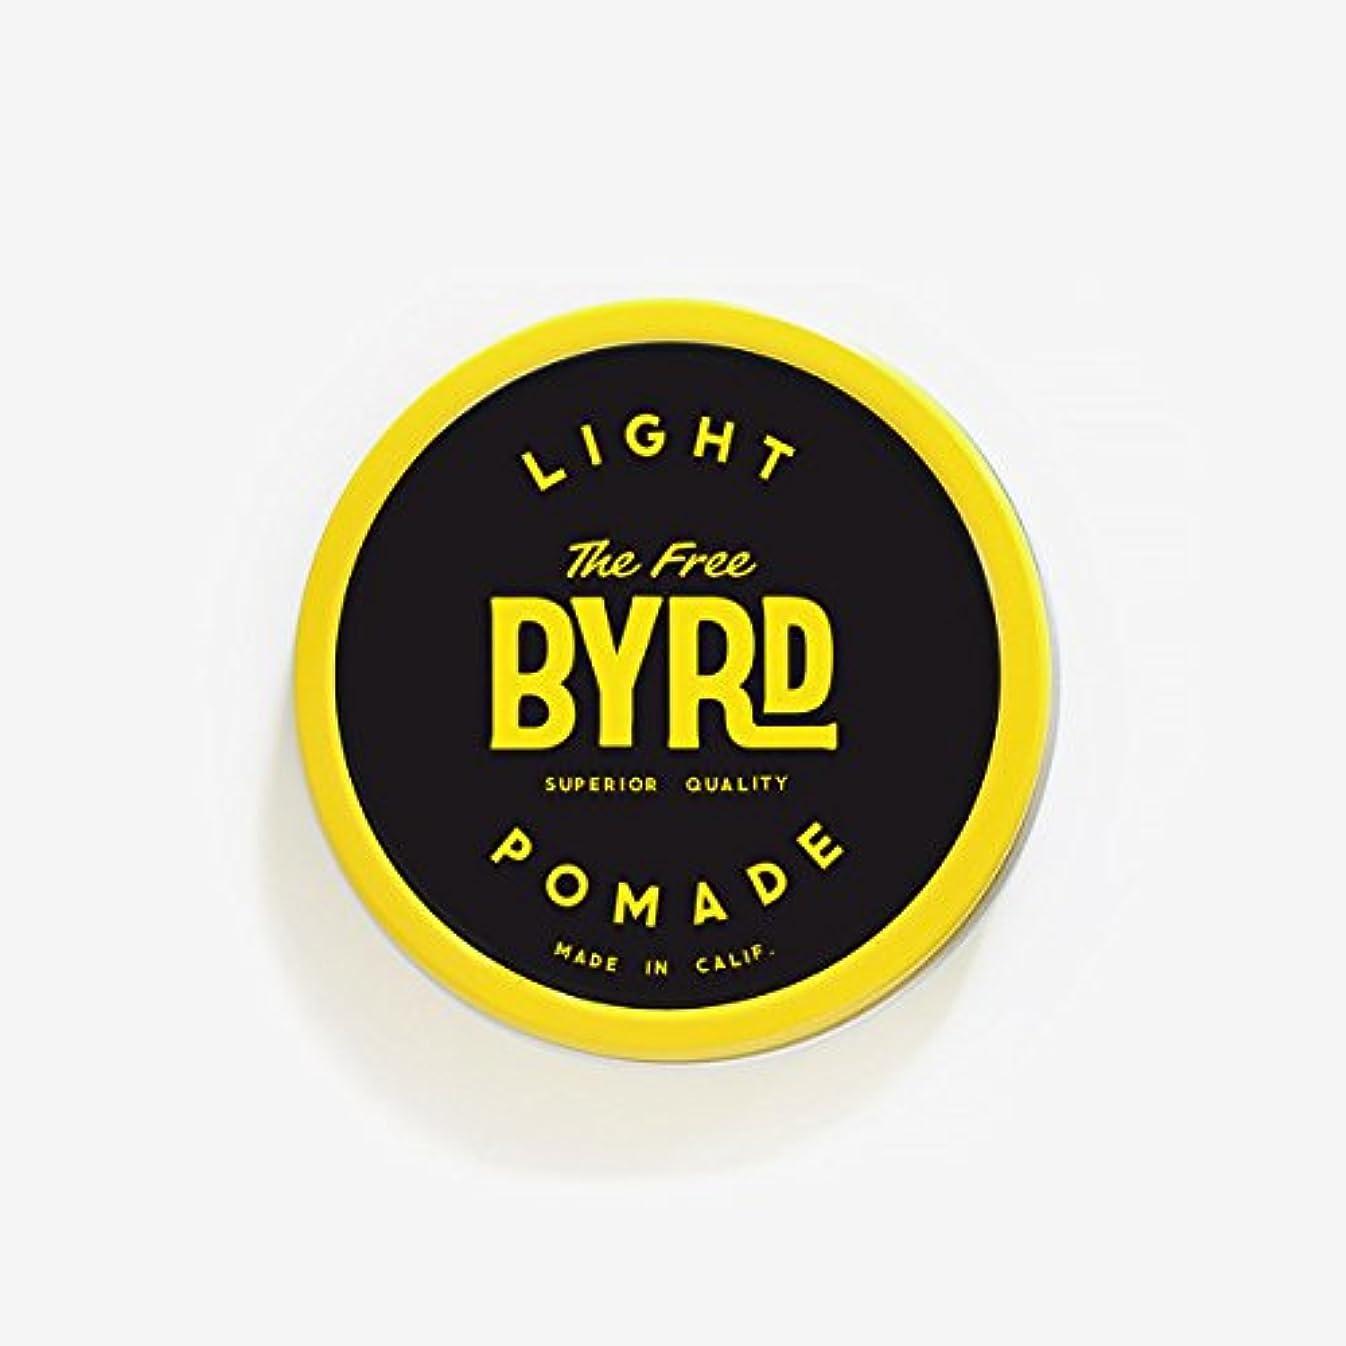 感じる申し立てるベジタリアンバード(BYRD) カリフォルニア発ポマード288 LIGHT POMADE SMALL(スモールサイズ)ライトスタイルヘアワックスヘアスタイリング剤耐水性香料メンズ/レディース 【LIGHT】SMALL